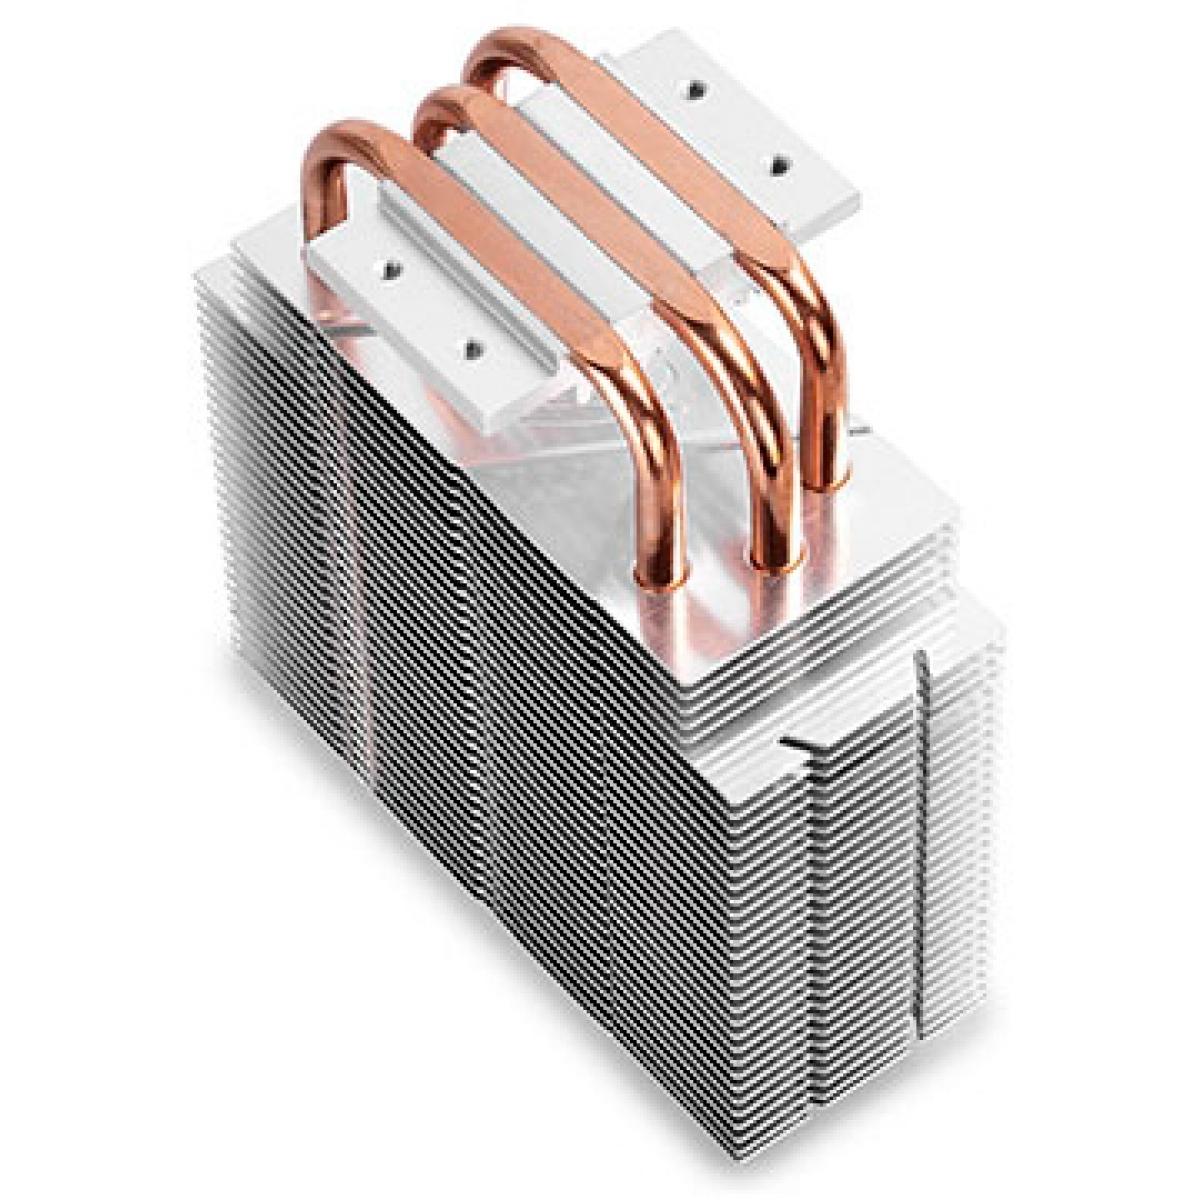 Cooler para Processador DeepCool Gammaxx 300R, 120mm, Intel-AMD, DP-MCH3-GMX300RD